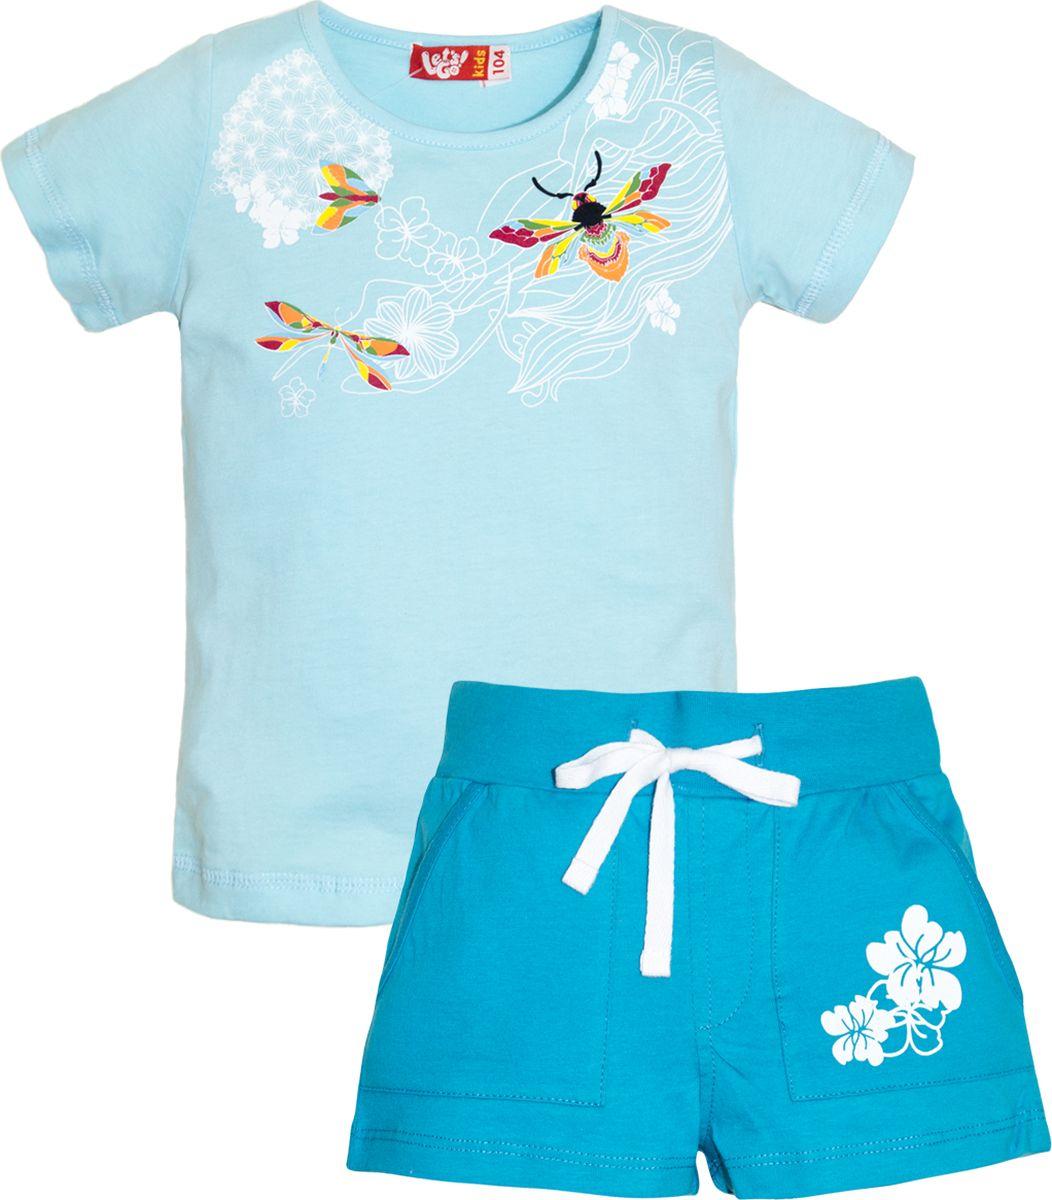 Комплект одежды для девочки Let's Go: футболка, шорты, цвет: голубой, бирюзовый. 4133. Размер 98 спортивный костюм для девочки let s go цвет бирюзовый 1118 размер 98